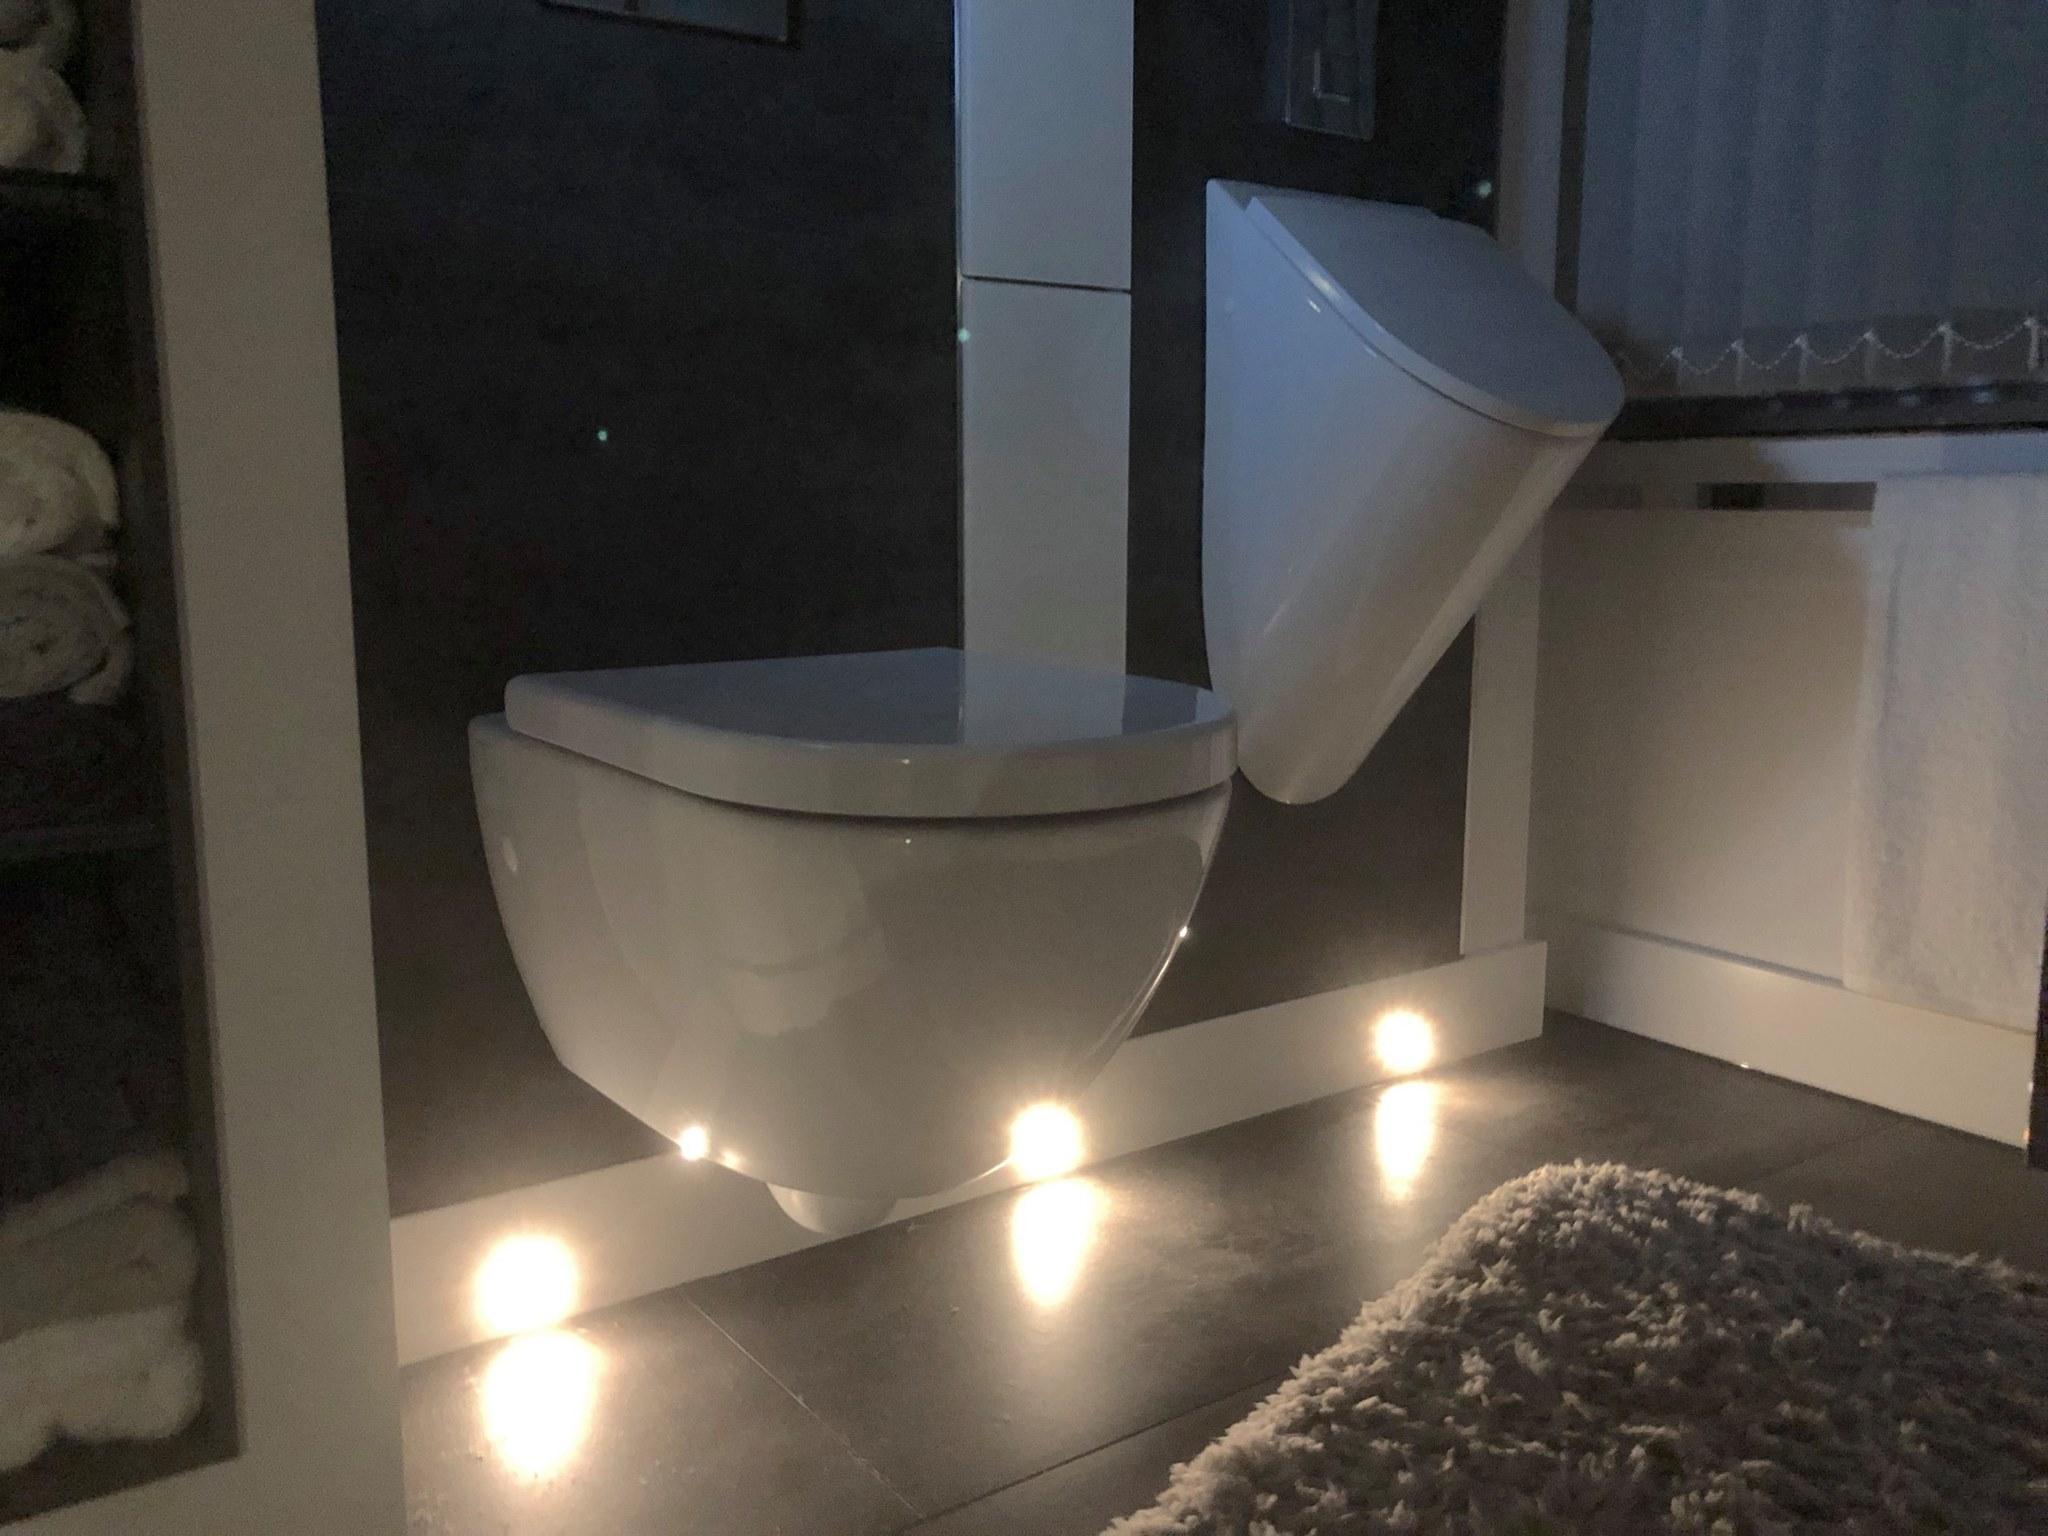 Sensor-gesteuerte Lichtspots für den nächtlichen Toiletten-Gang.